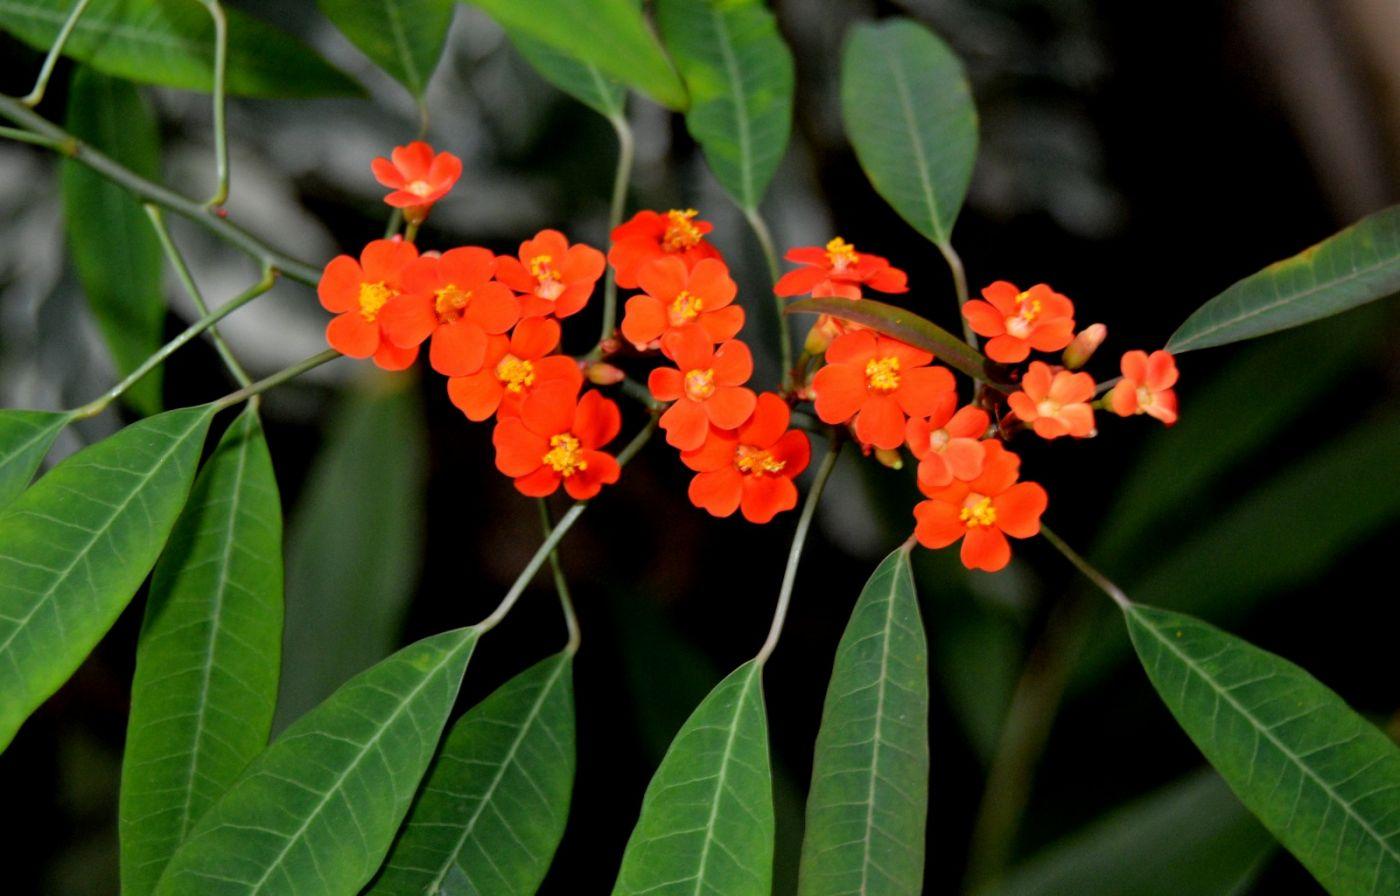 最近在溫室拍攝的花 (1)_圖1-11